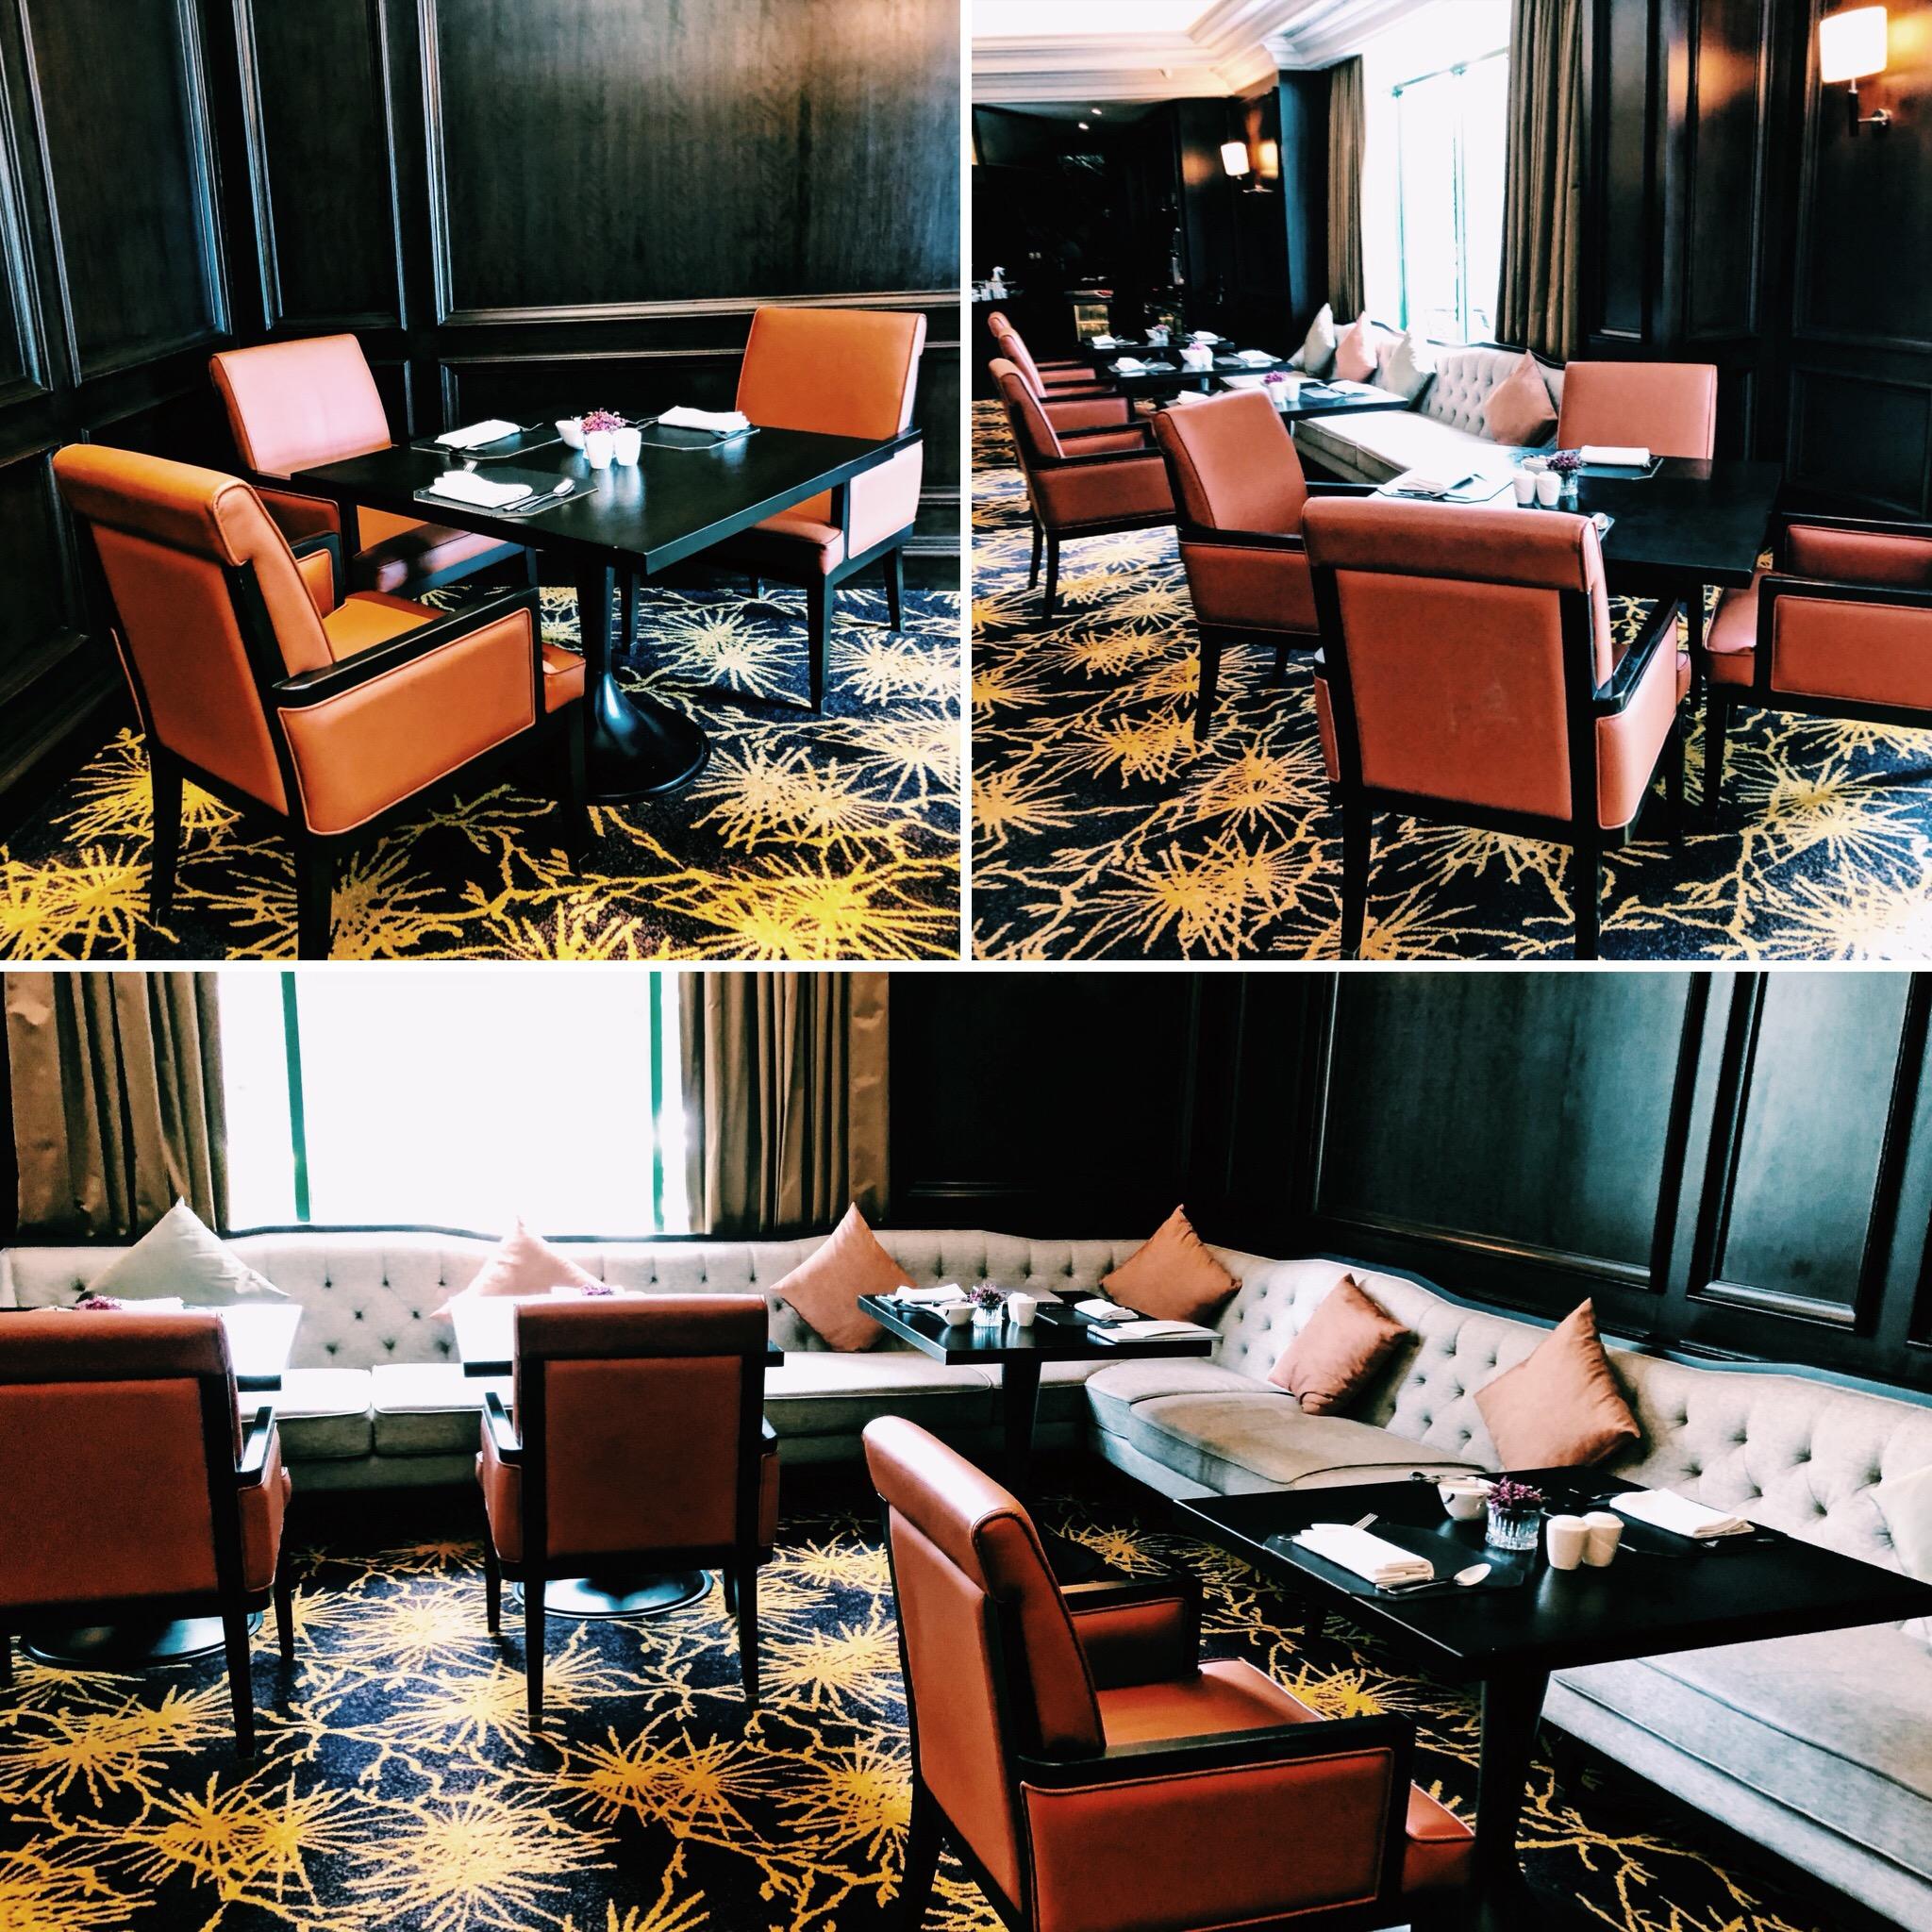 The Ritz-Carlton Kuala Lumpur Executive Lounge